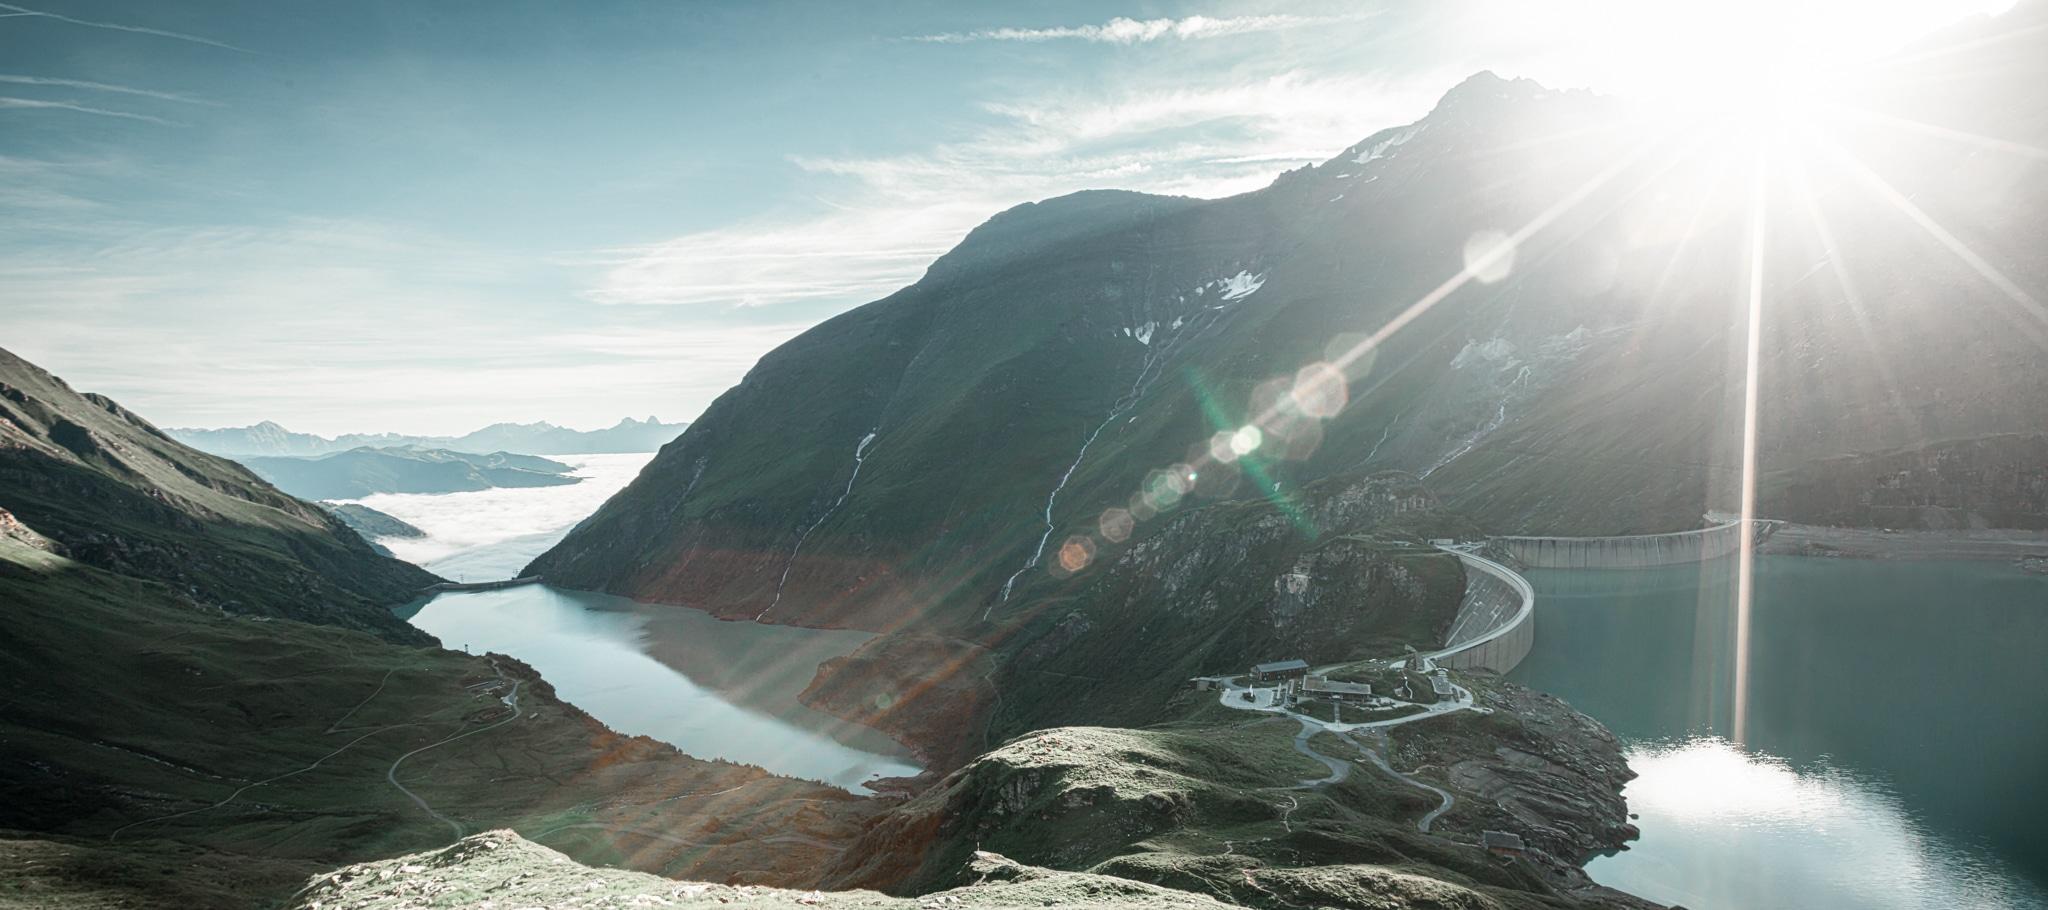 Alpenhaus Kaprun - Alpiner Lifestyle - Berge, See, Gletscher - Urlaub im Salzburger Land